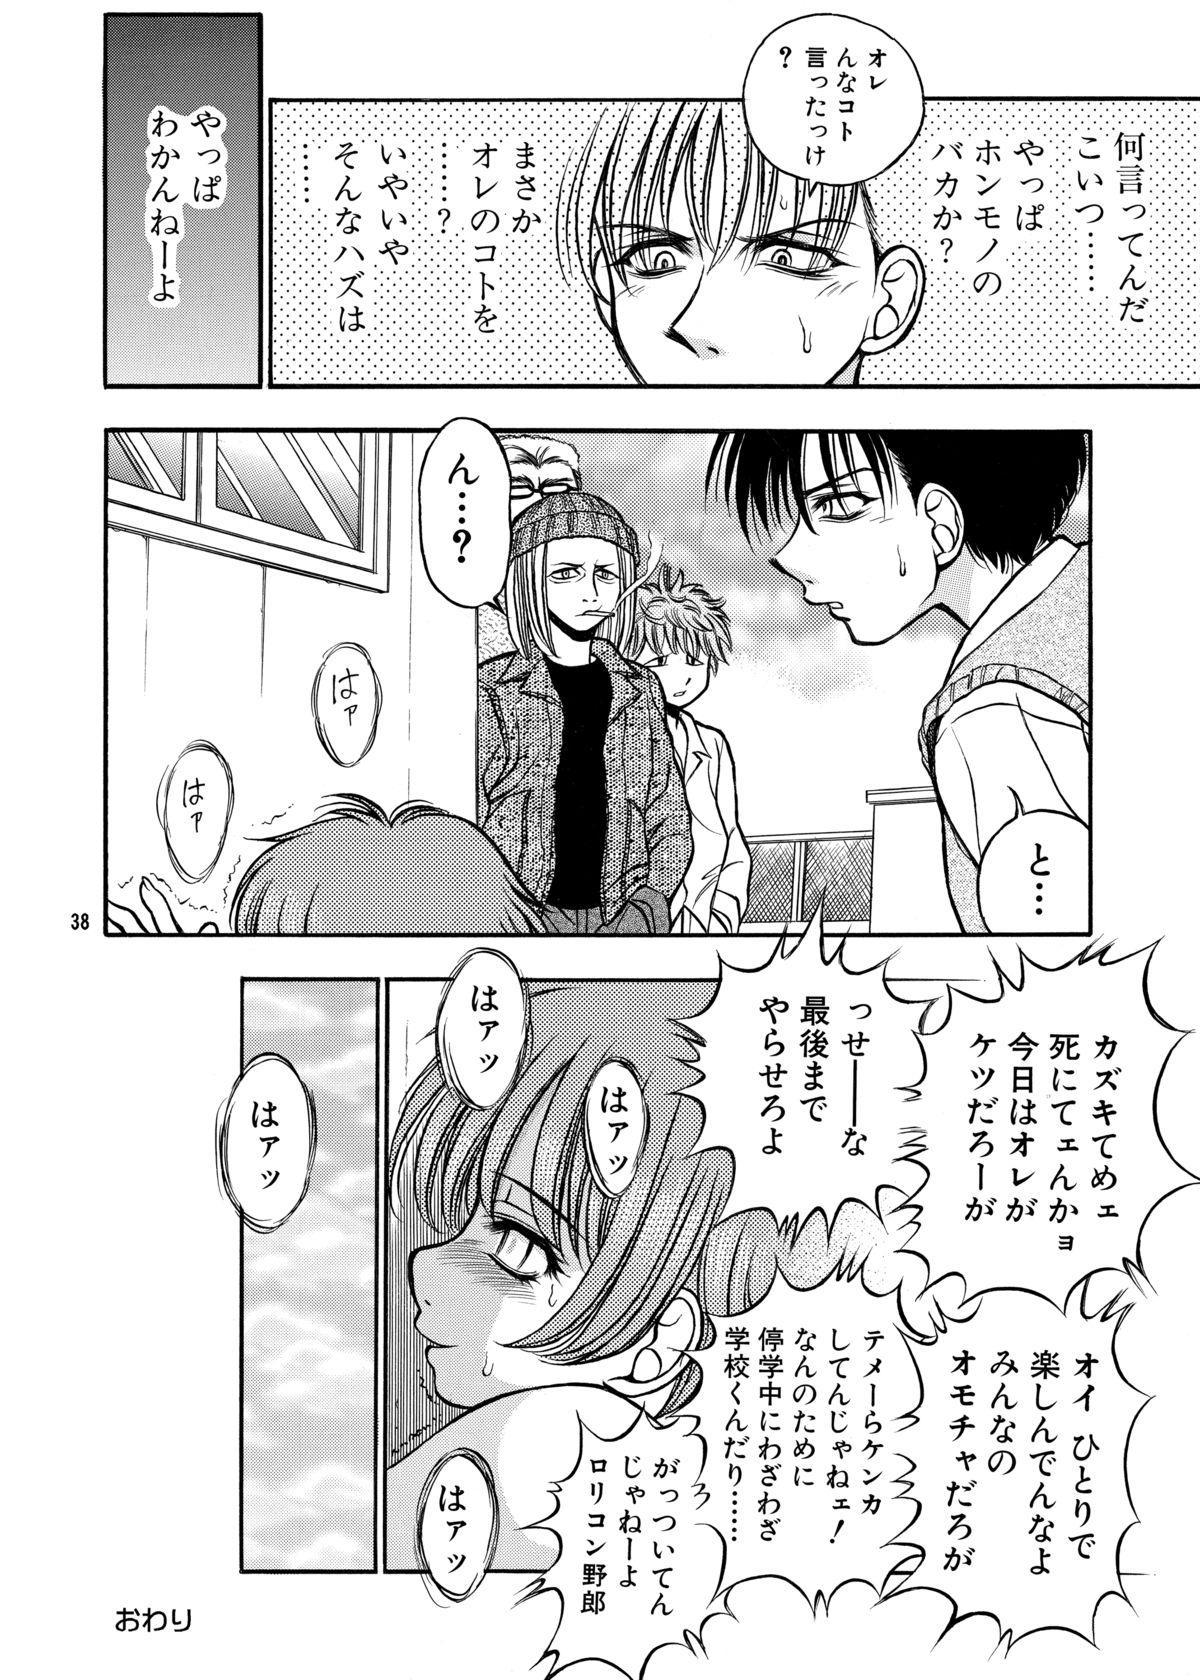 ココロノママニ 厩戸王子商業作品再録本 36